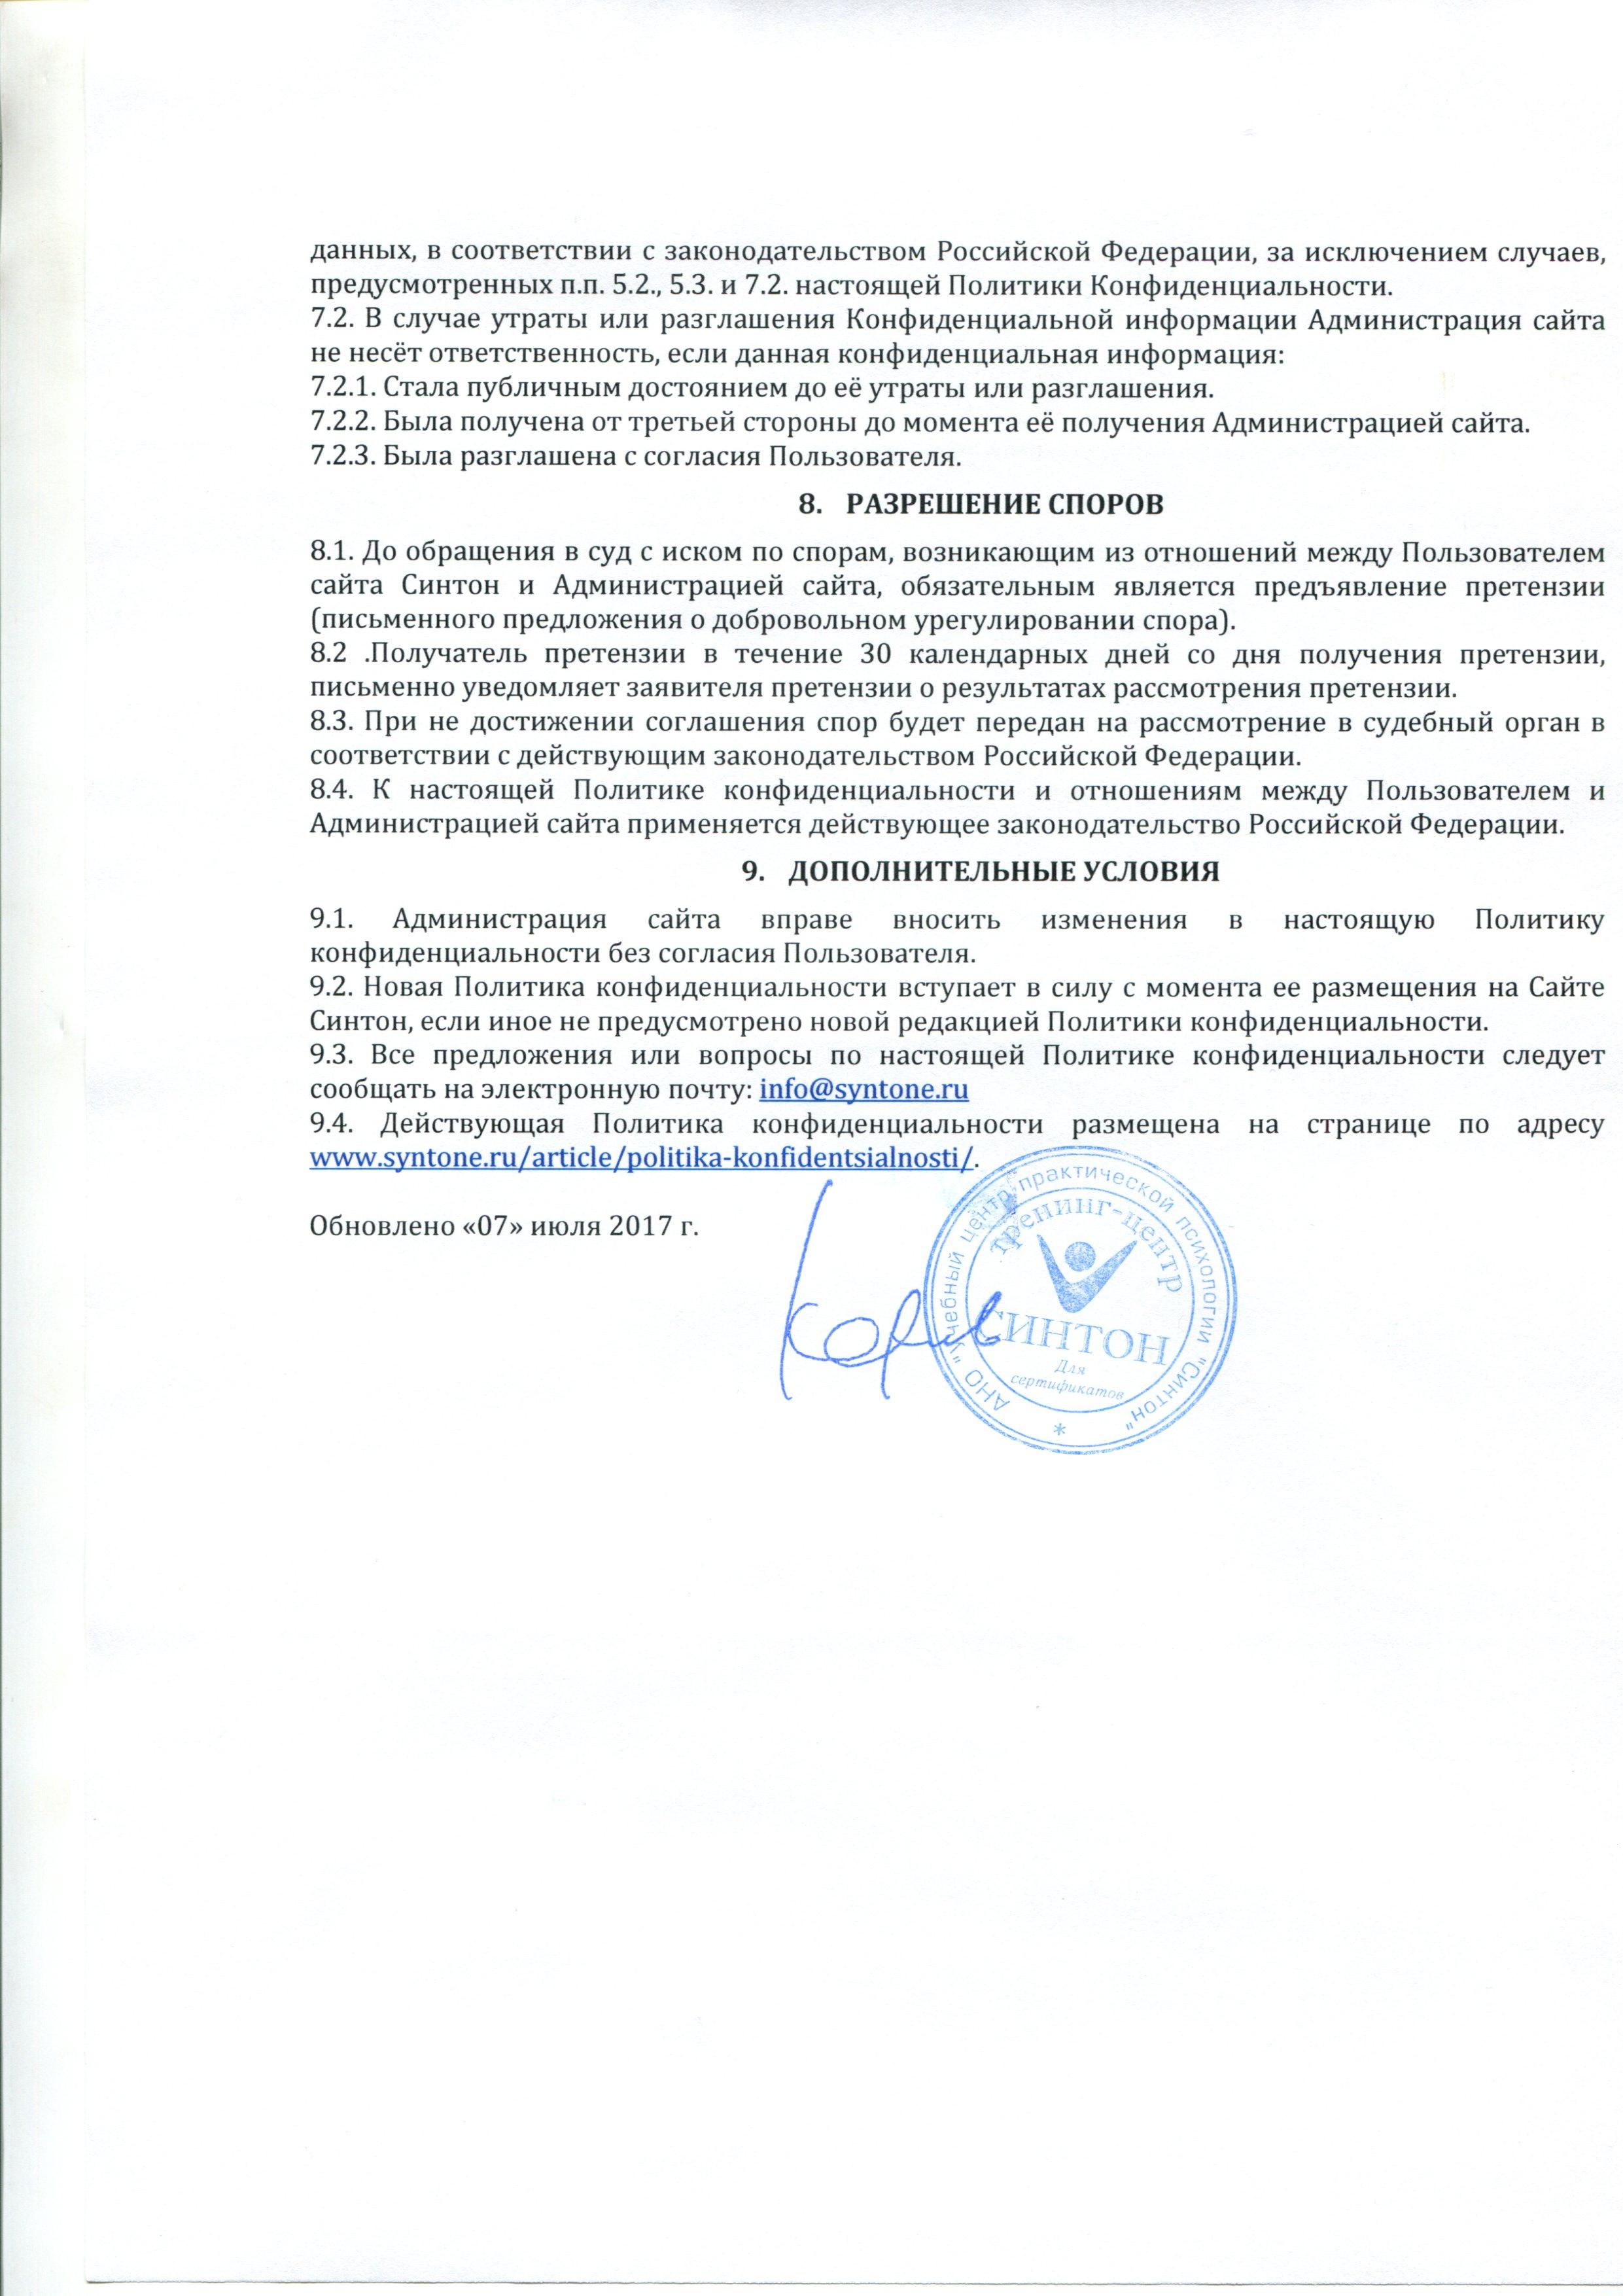 Конфиденциальность НИК (4)